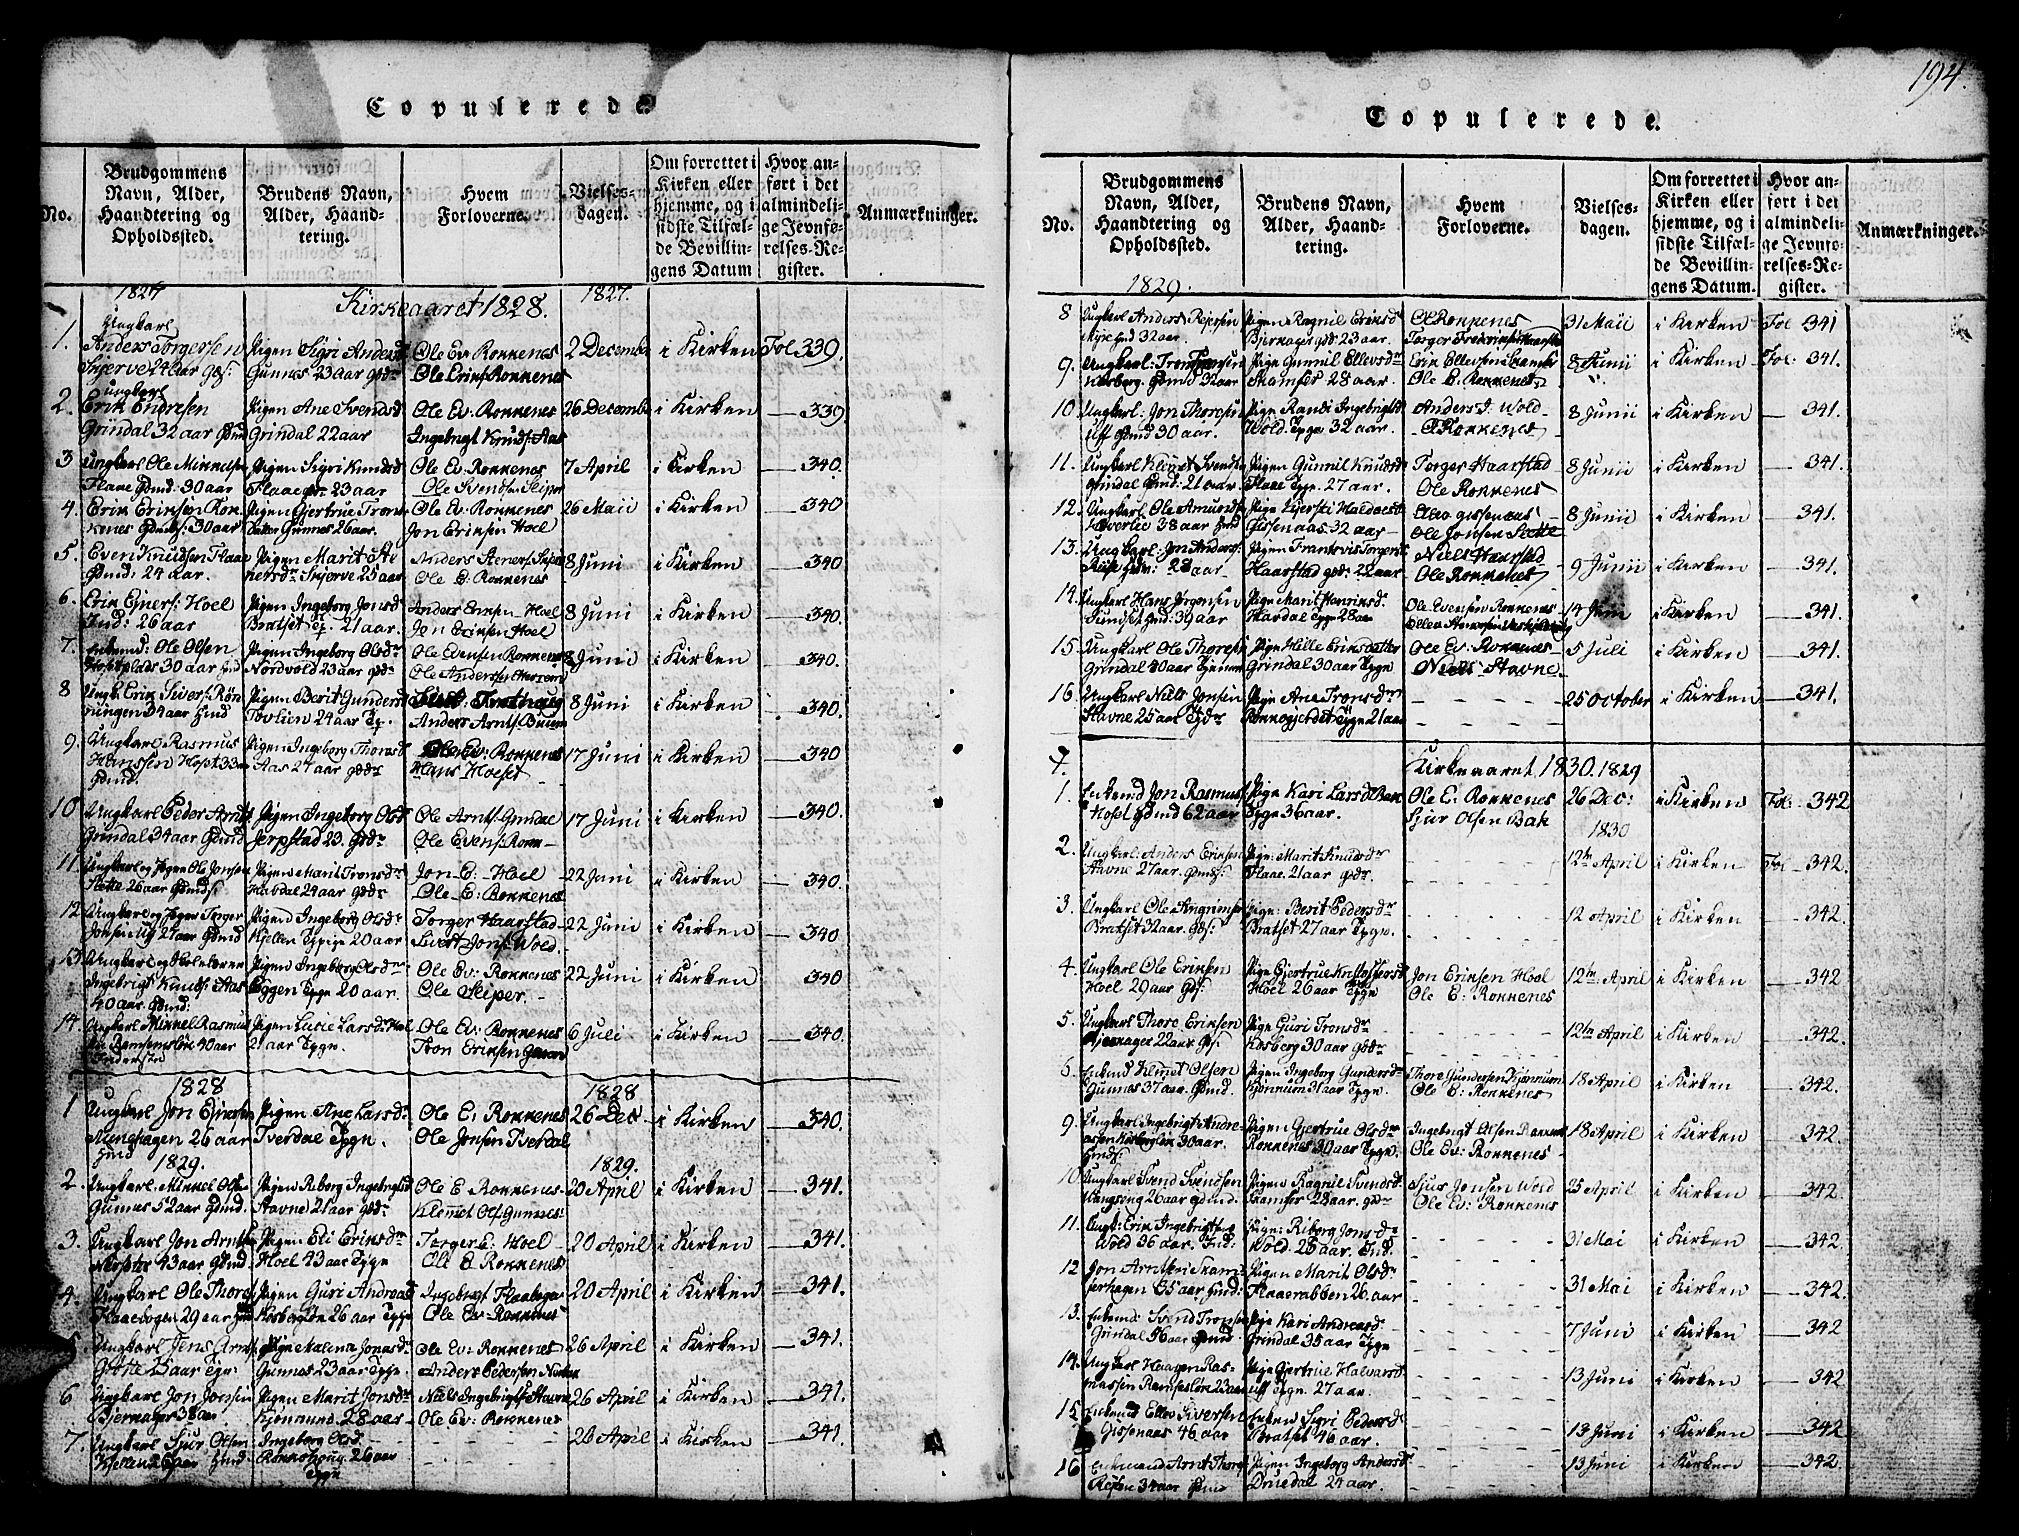 SAT, Ministerialprotokoller, klokkerbøker og fødselsregistre - Sør-Trøndelag, 674/L0874: Klokkerbok nr. 674C01, 1816-1860, s. 194